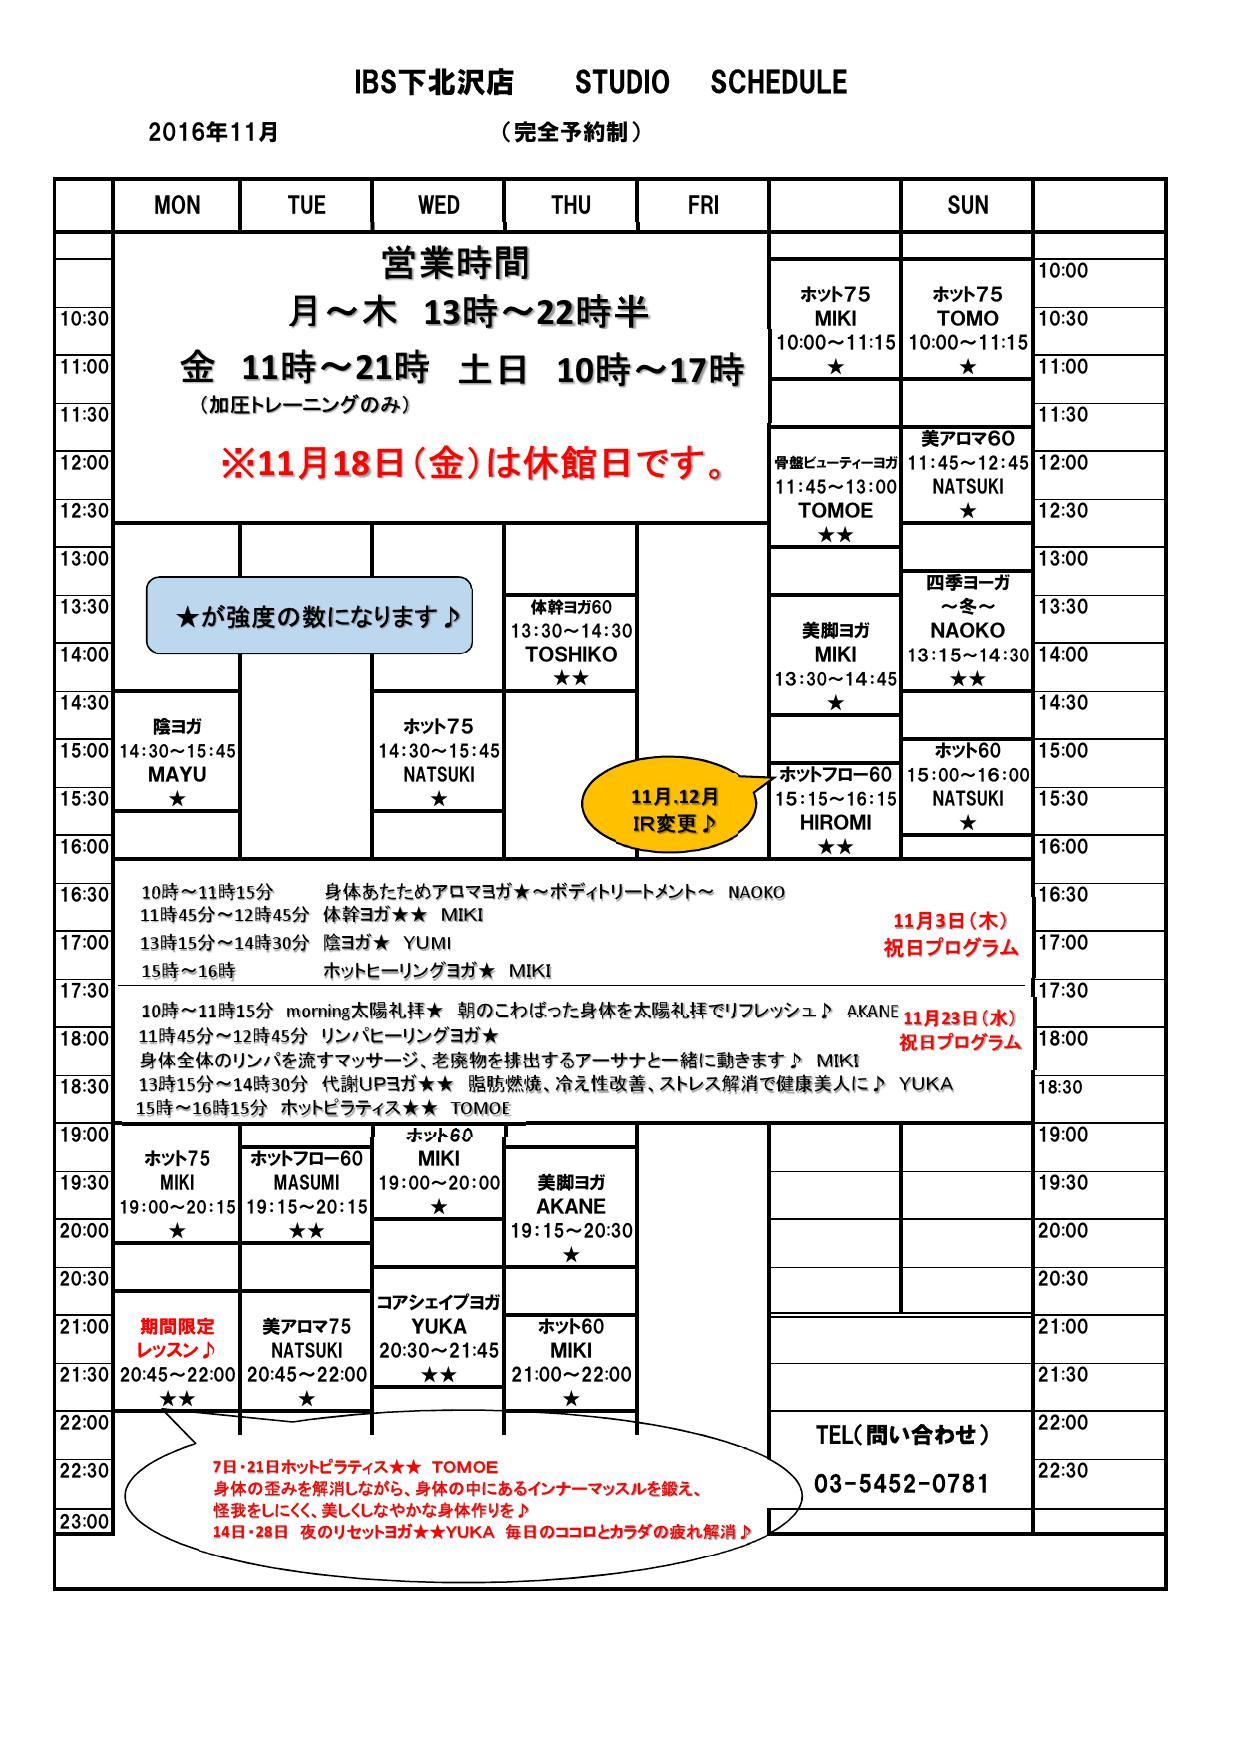 下北沢11月スケジュール_000001